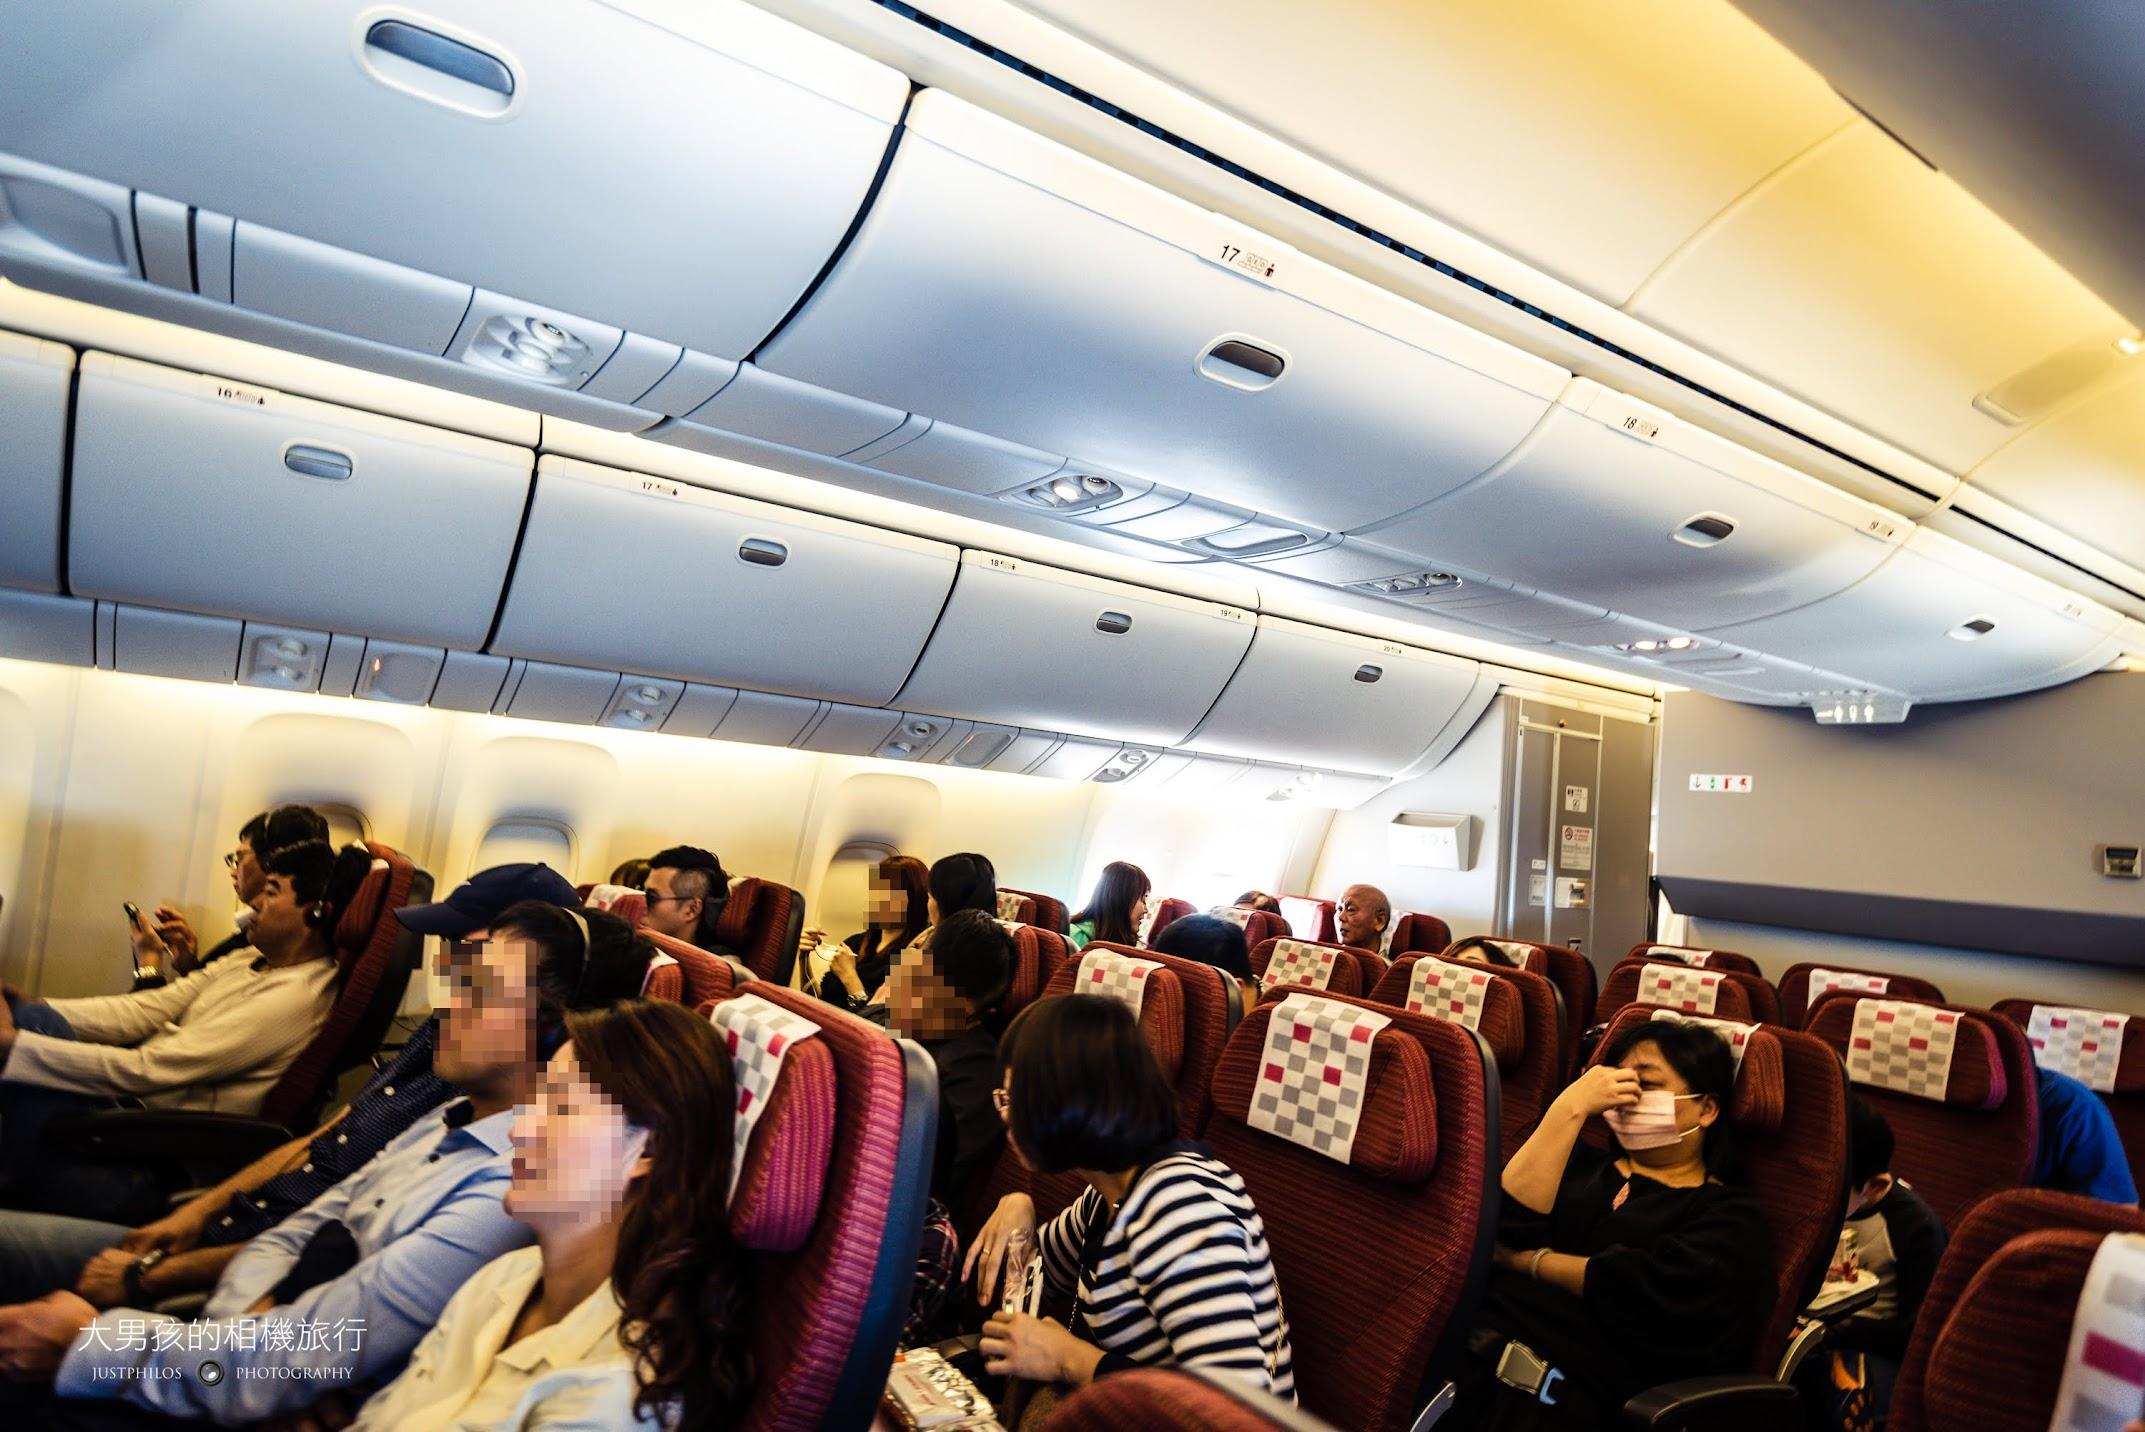 日航B767-300ER機內座位配置採2-3-2,算是相當舒適的配置。